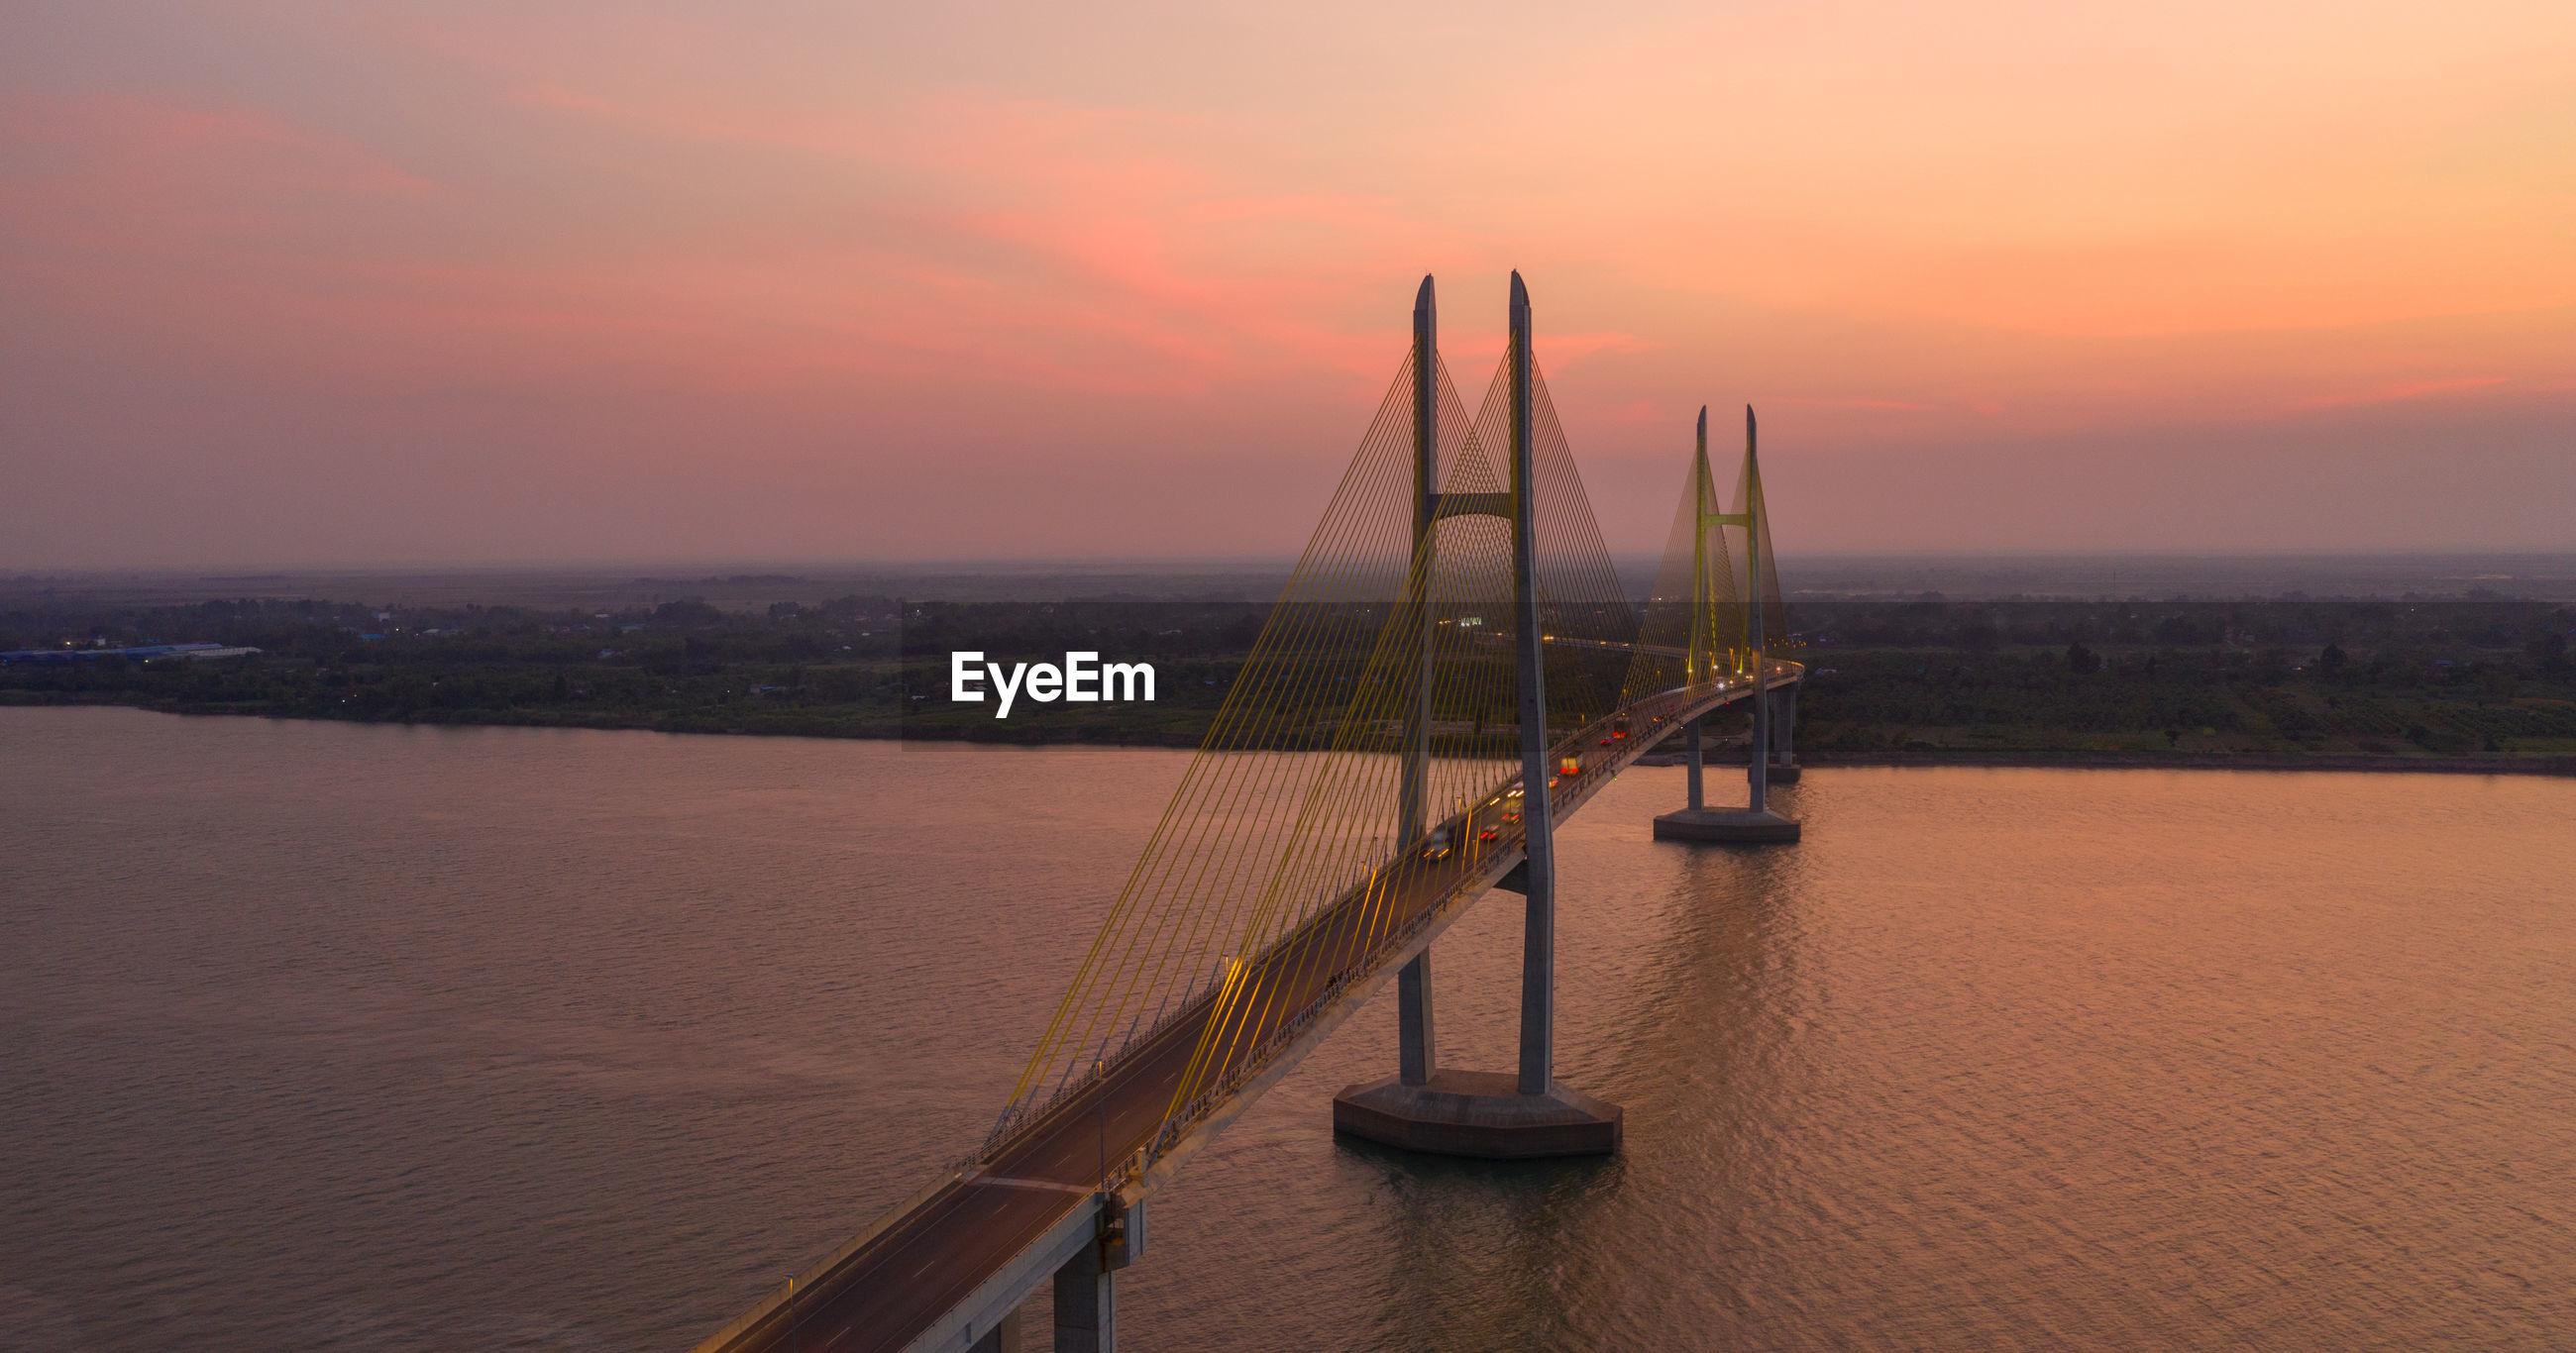 Bridge over river against romantic sky at sunrise